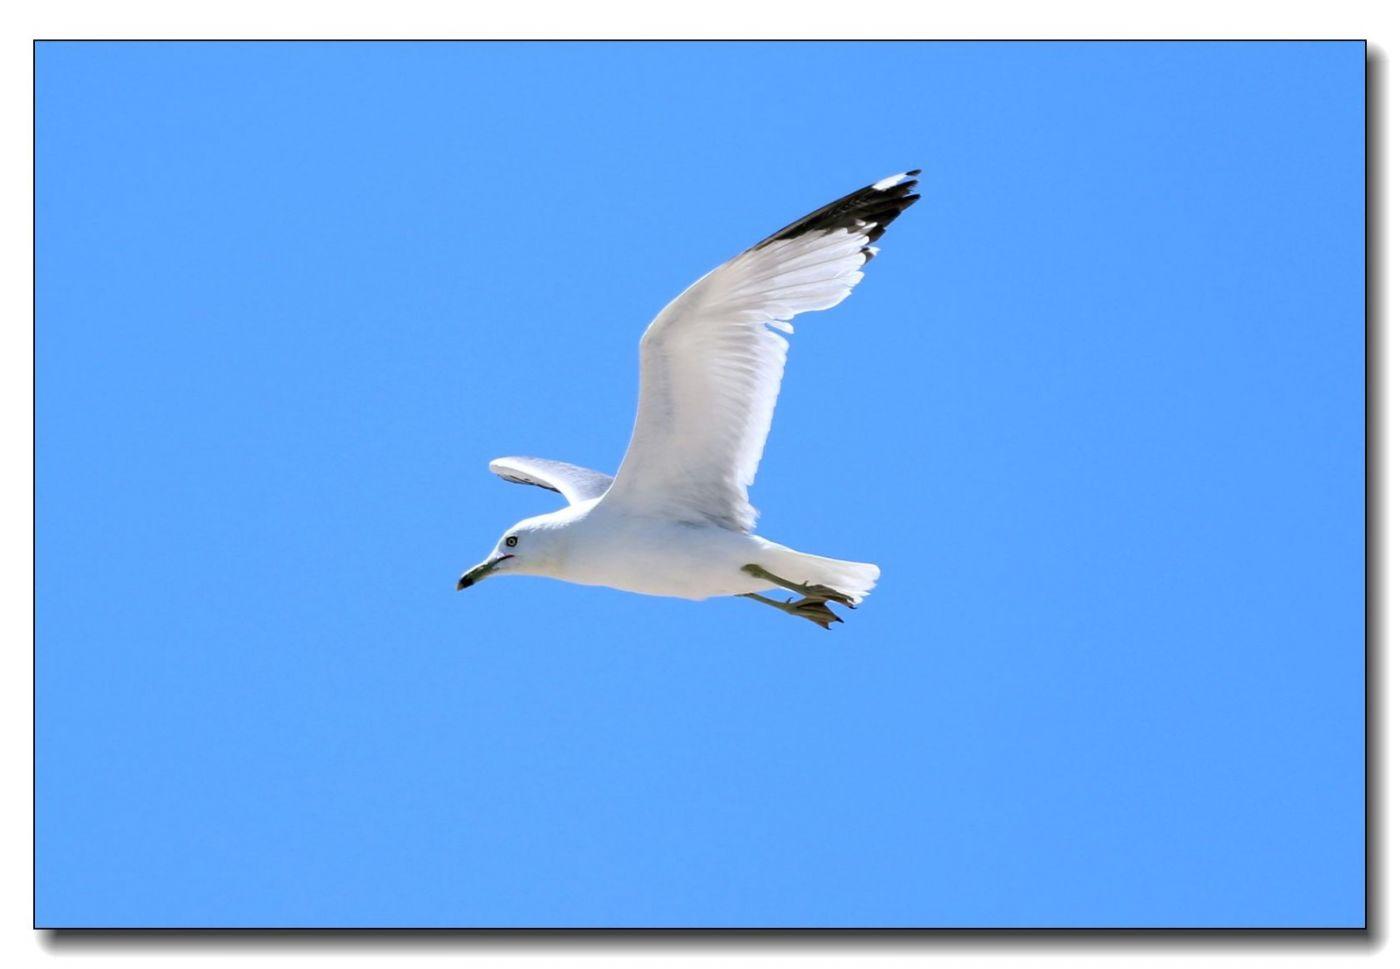 洛克威海滩拍鸟-银鸥_图1-2